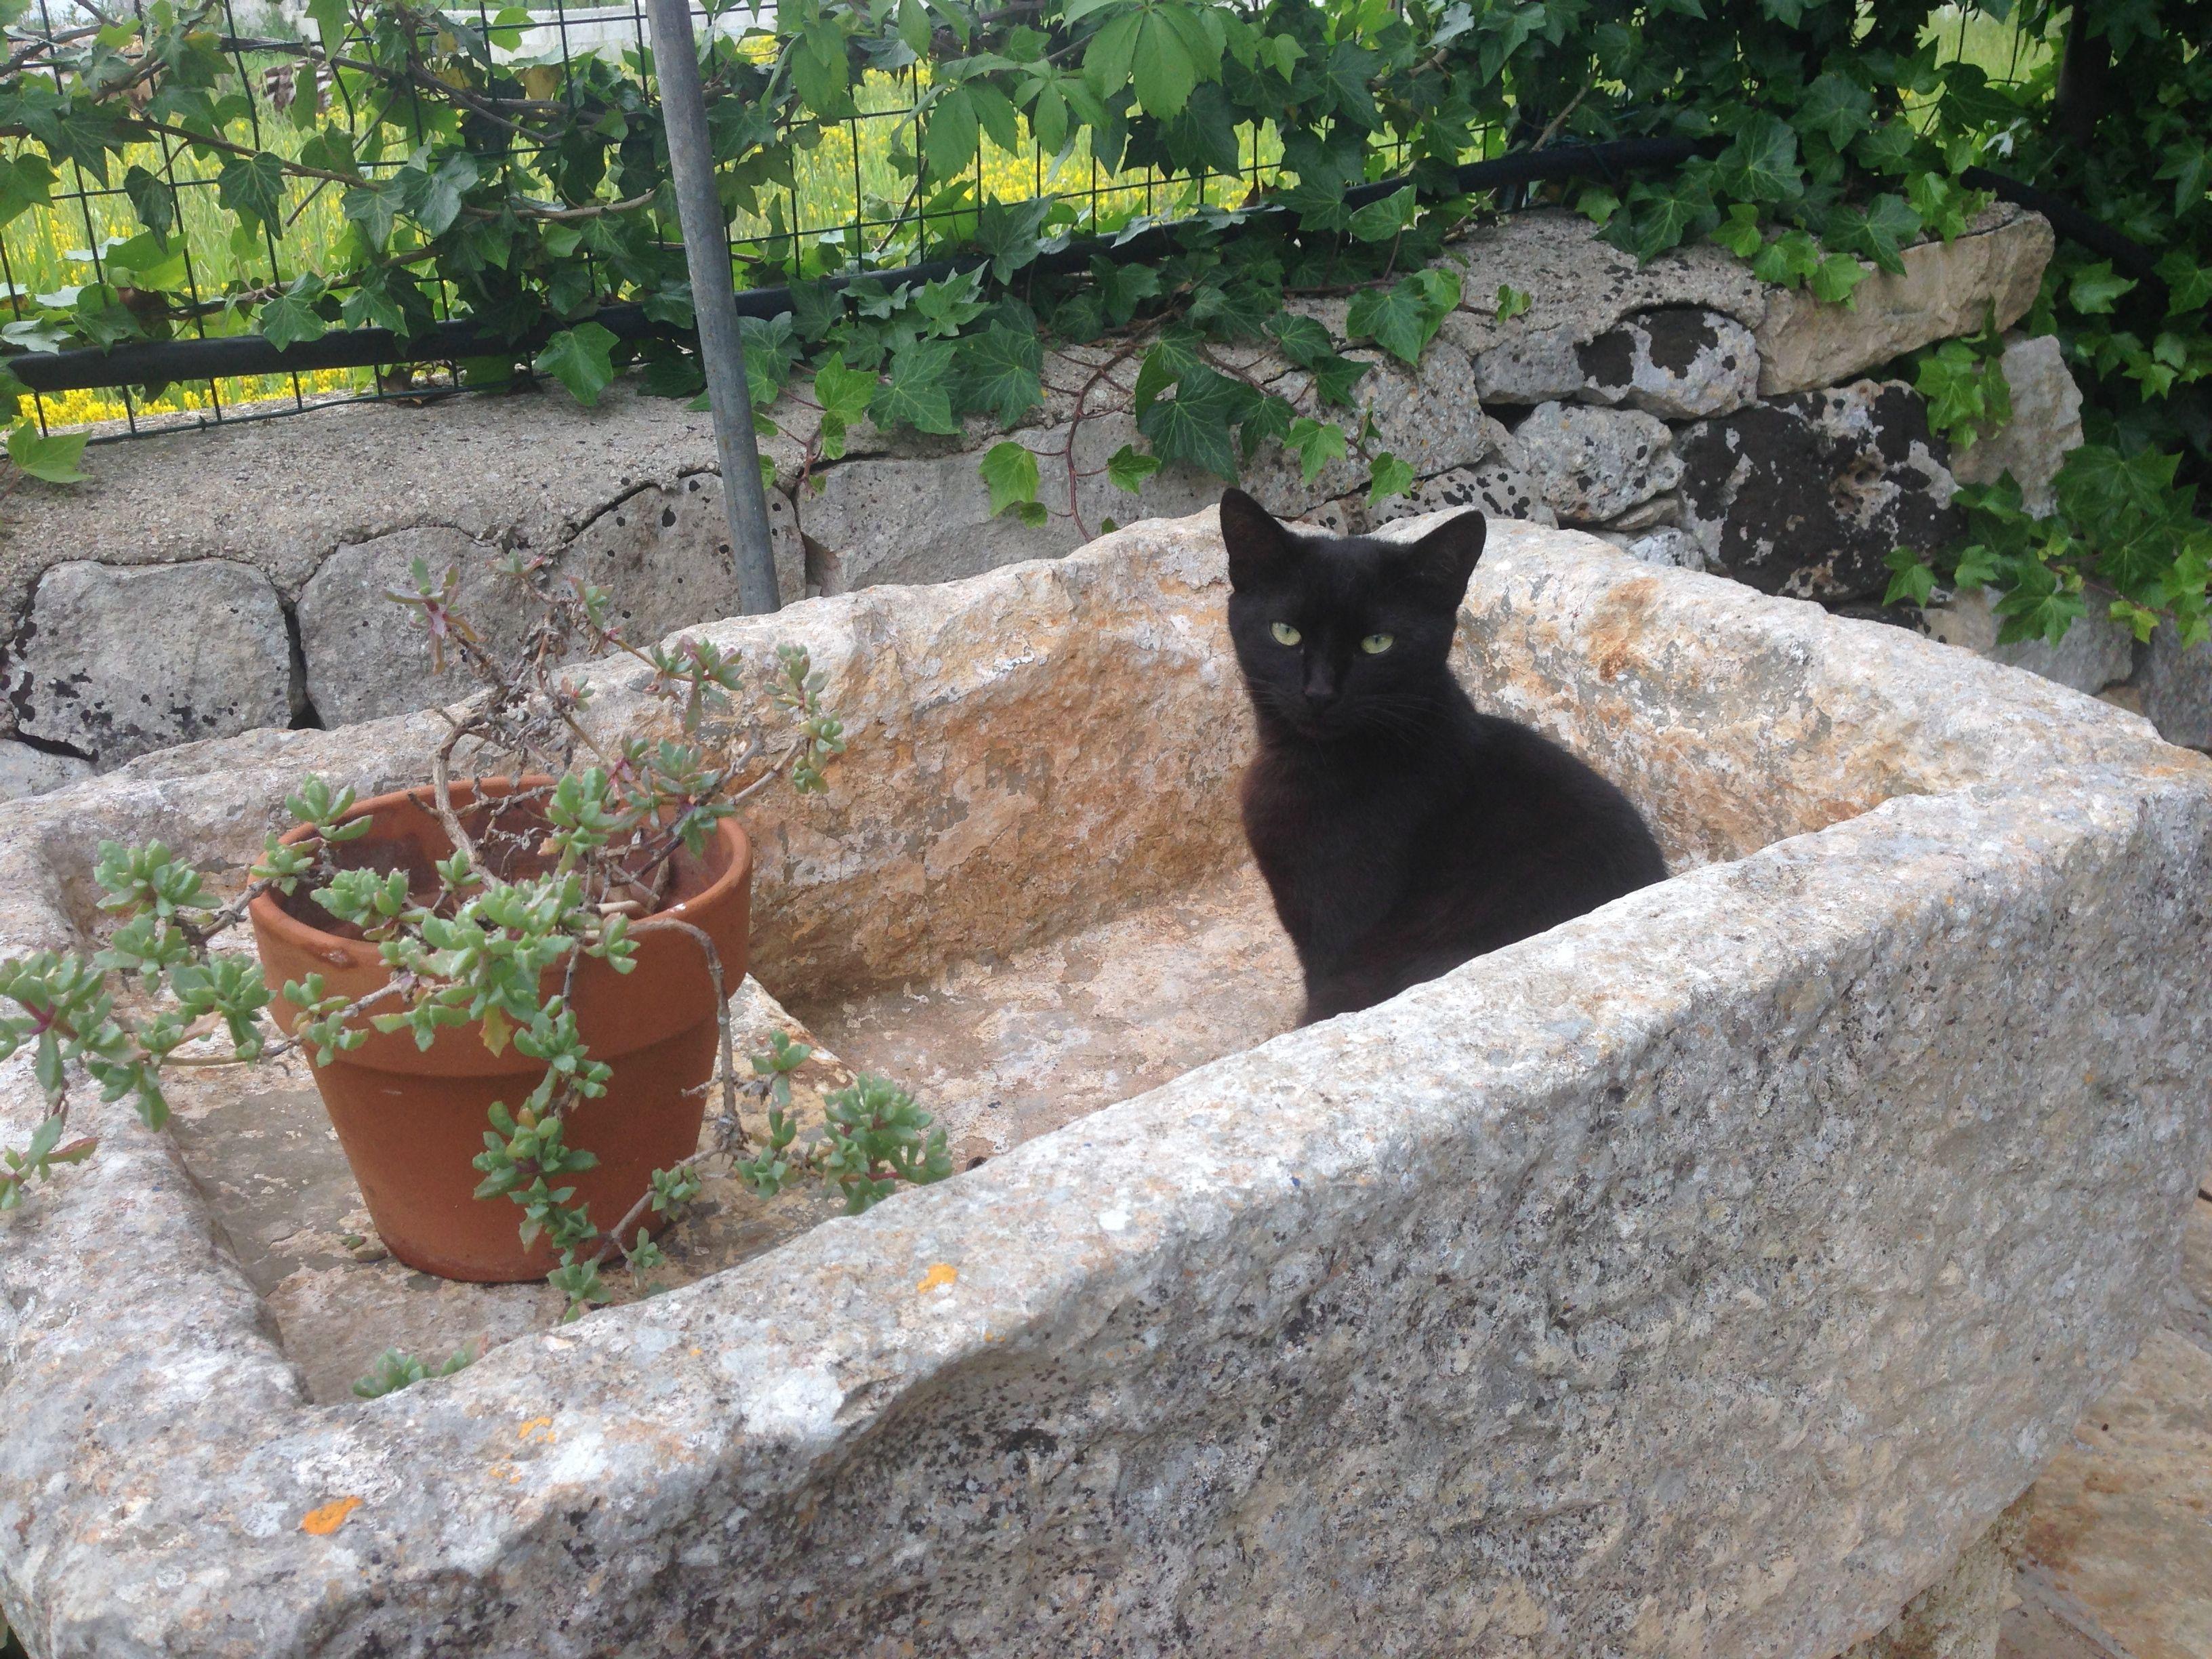 Masseria Salinola Hotel Ostuni in Ostuni, Puglia - http://www.tripadvisor.com/Hotel_Review-g642178-d597048-Reviews-Masseria_Salinola-Ostuni_Province_of_Brindisi_Puglia.html